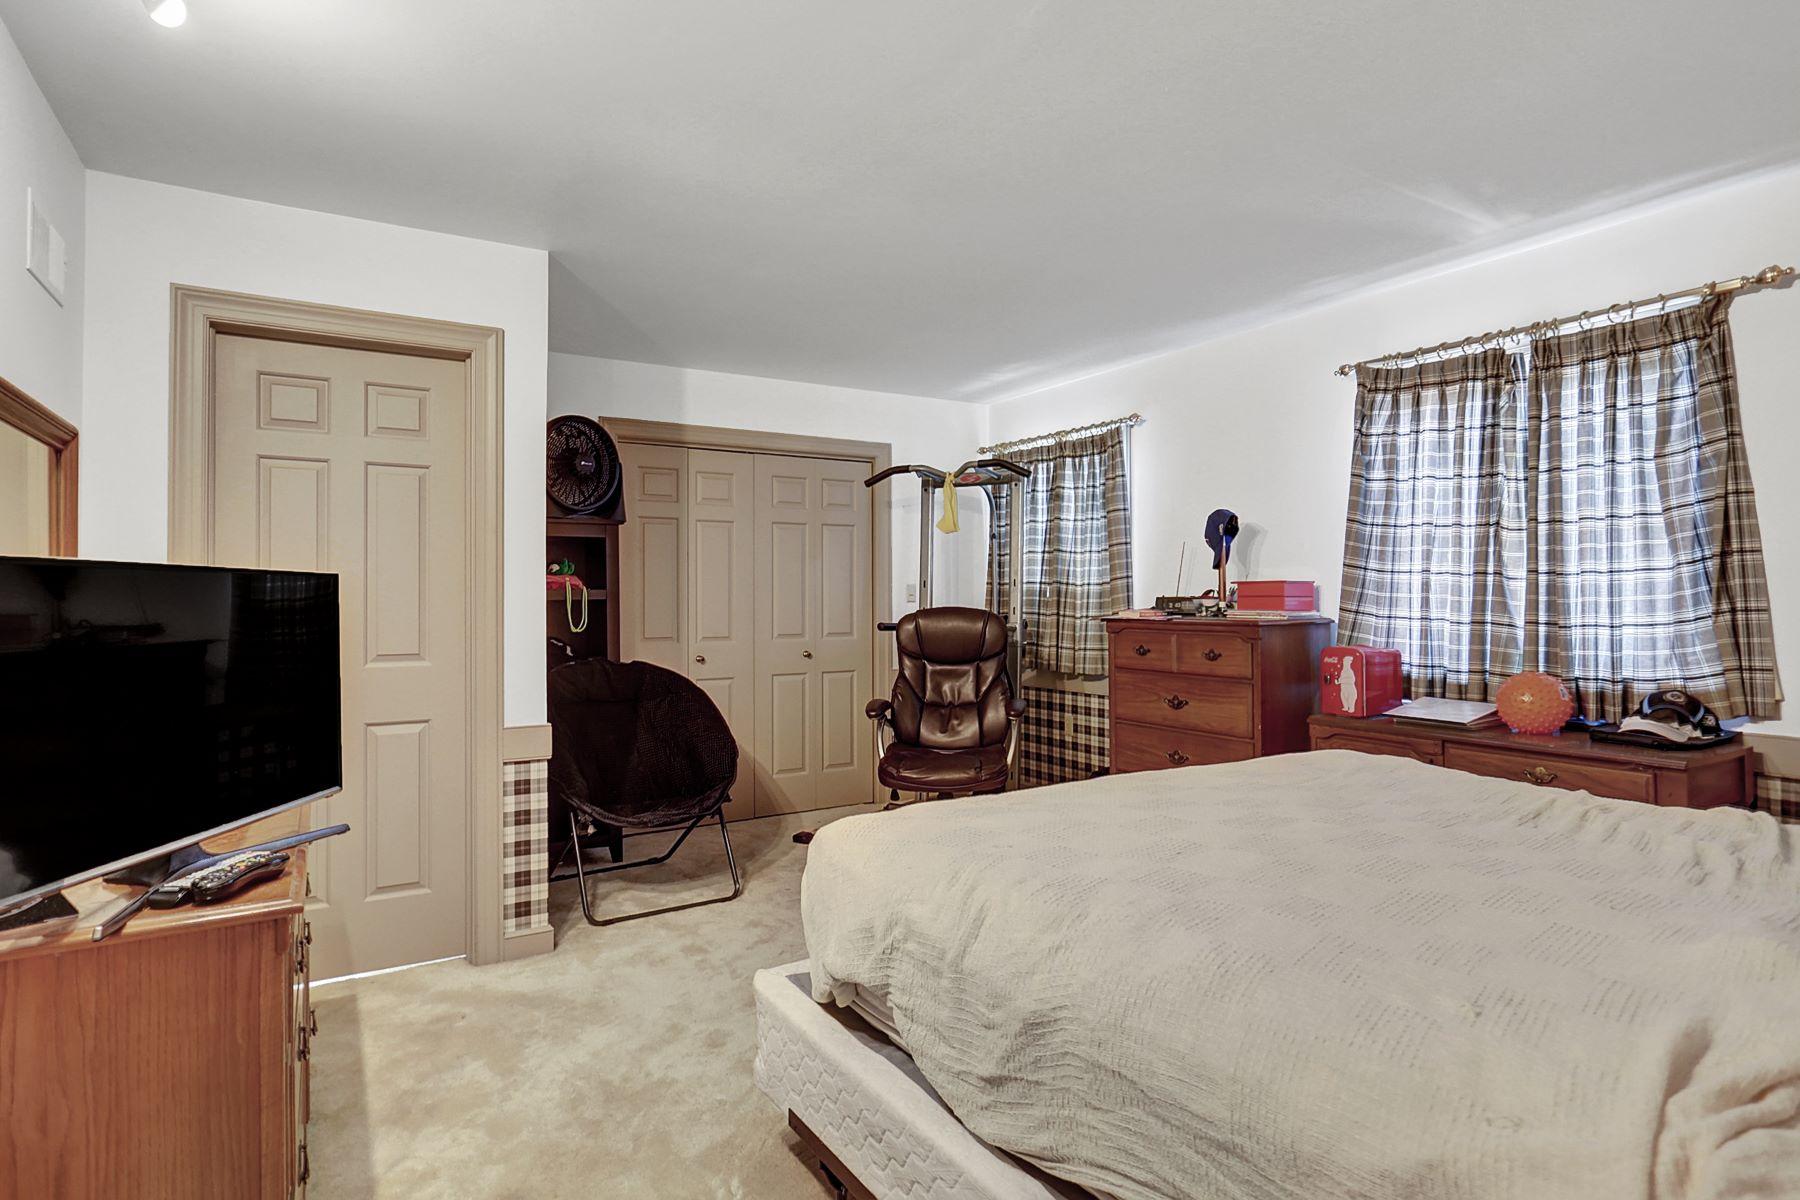 Additional photo for property listing at 714 Buckwood Lane  Lititz, Pennsylvania 17543 United States